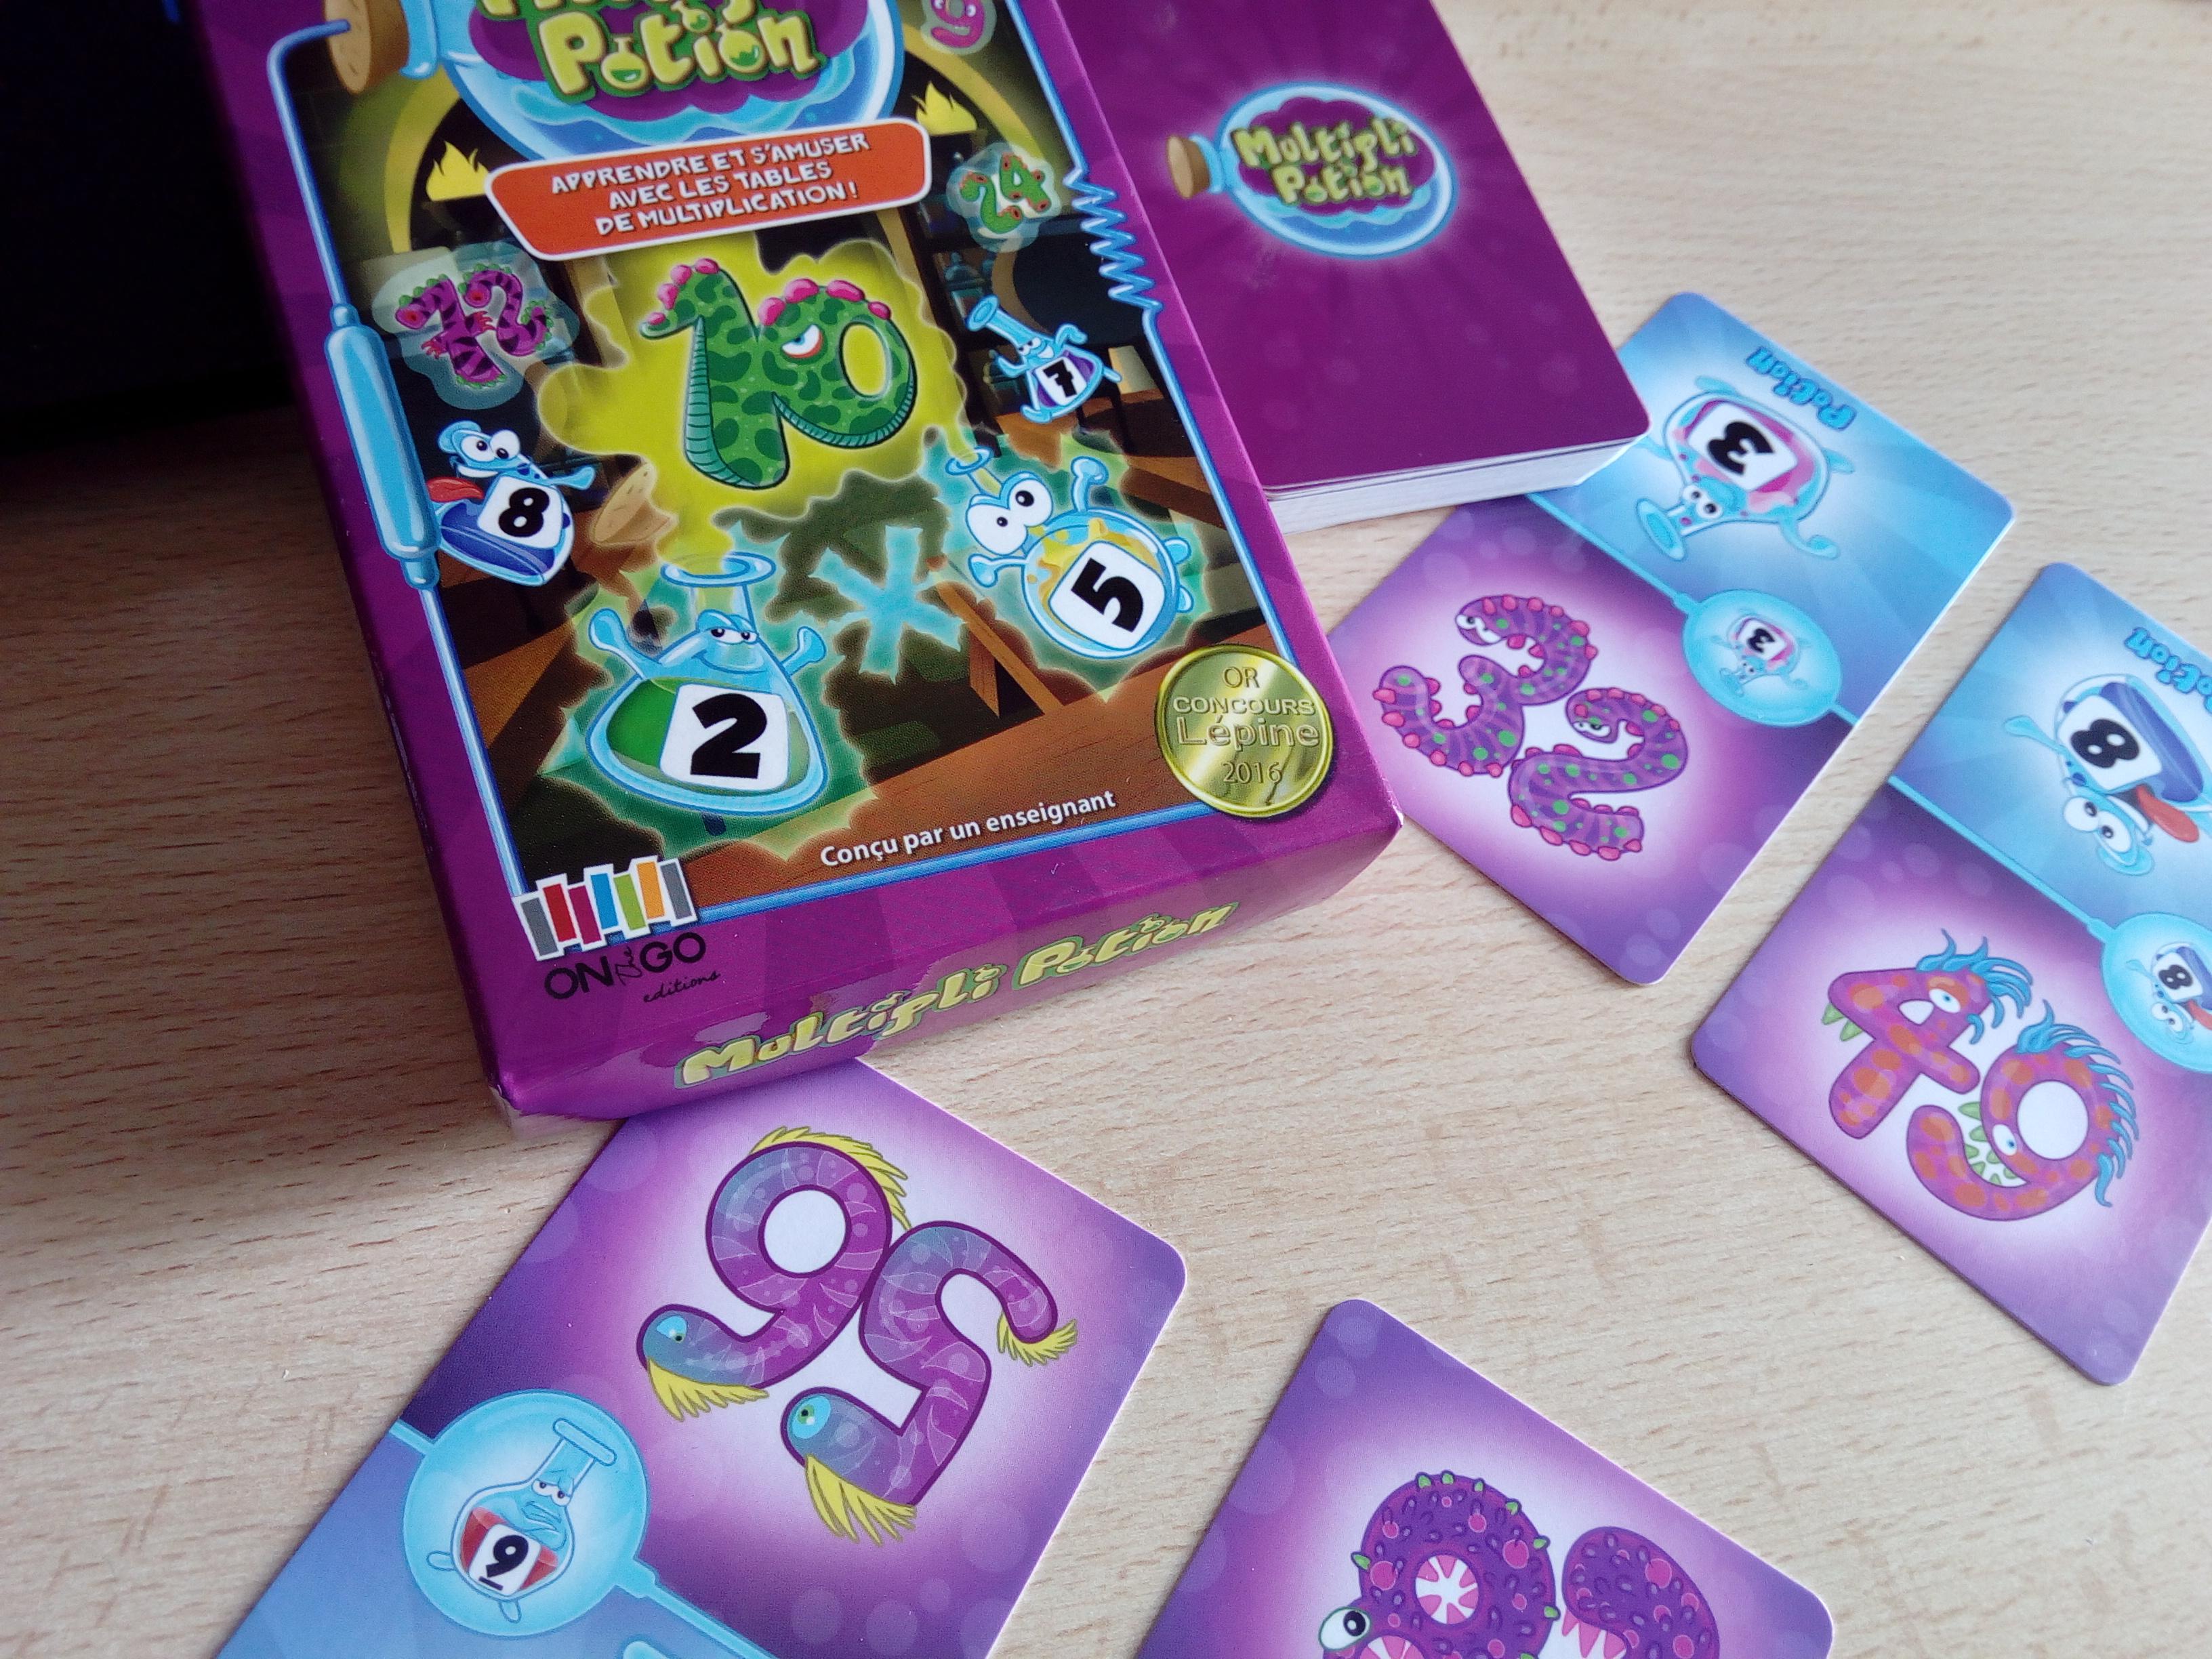 Multipli potion un jeu con u par un enseignant pour - Jeu pour apprendre les tables de multiplication ...